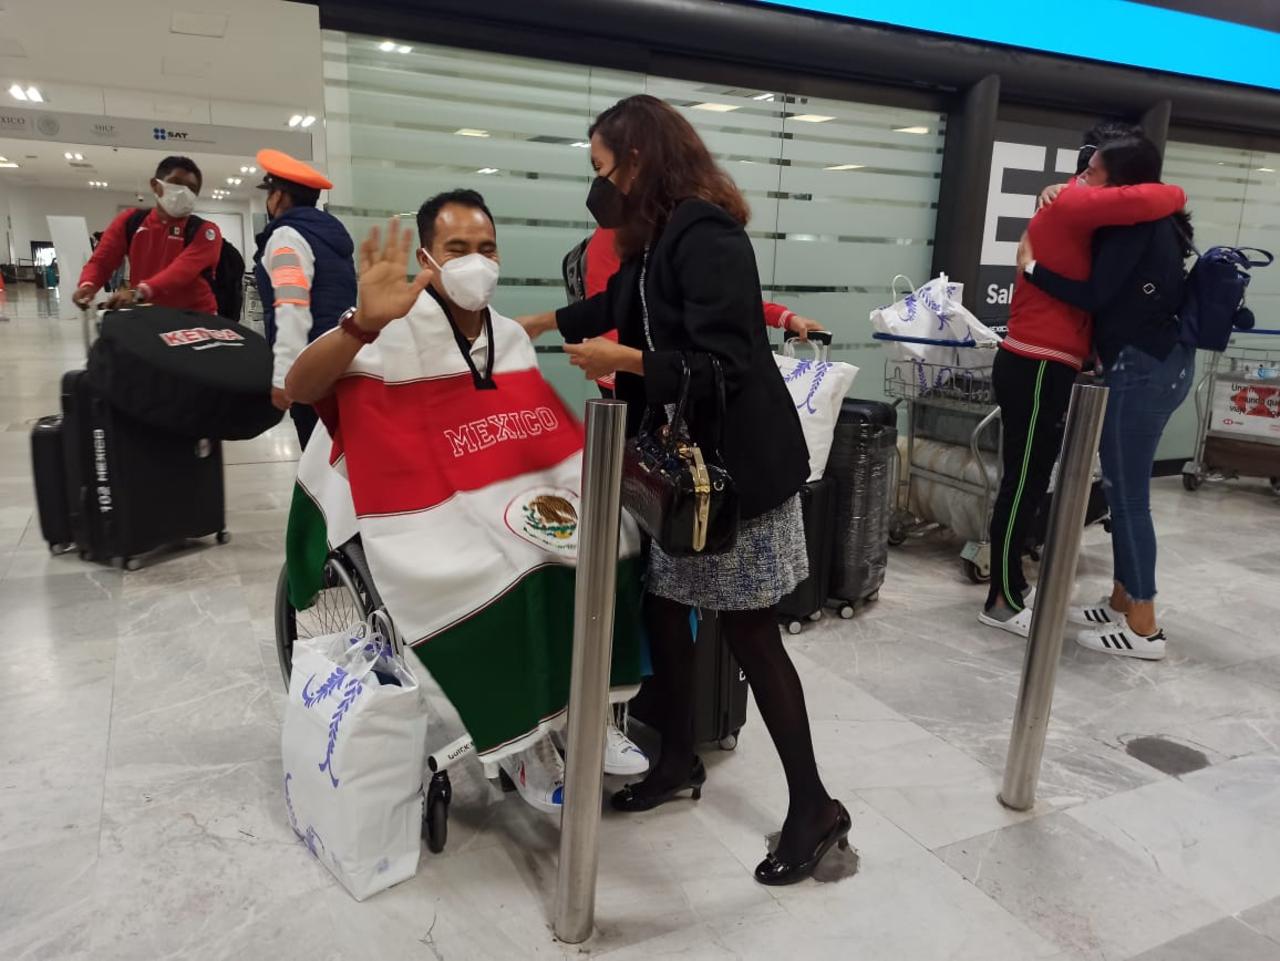 México, una potencia en Paralímpicos: Atletas vuelven a nuestro país